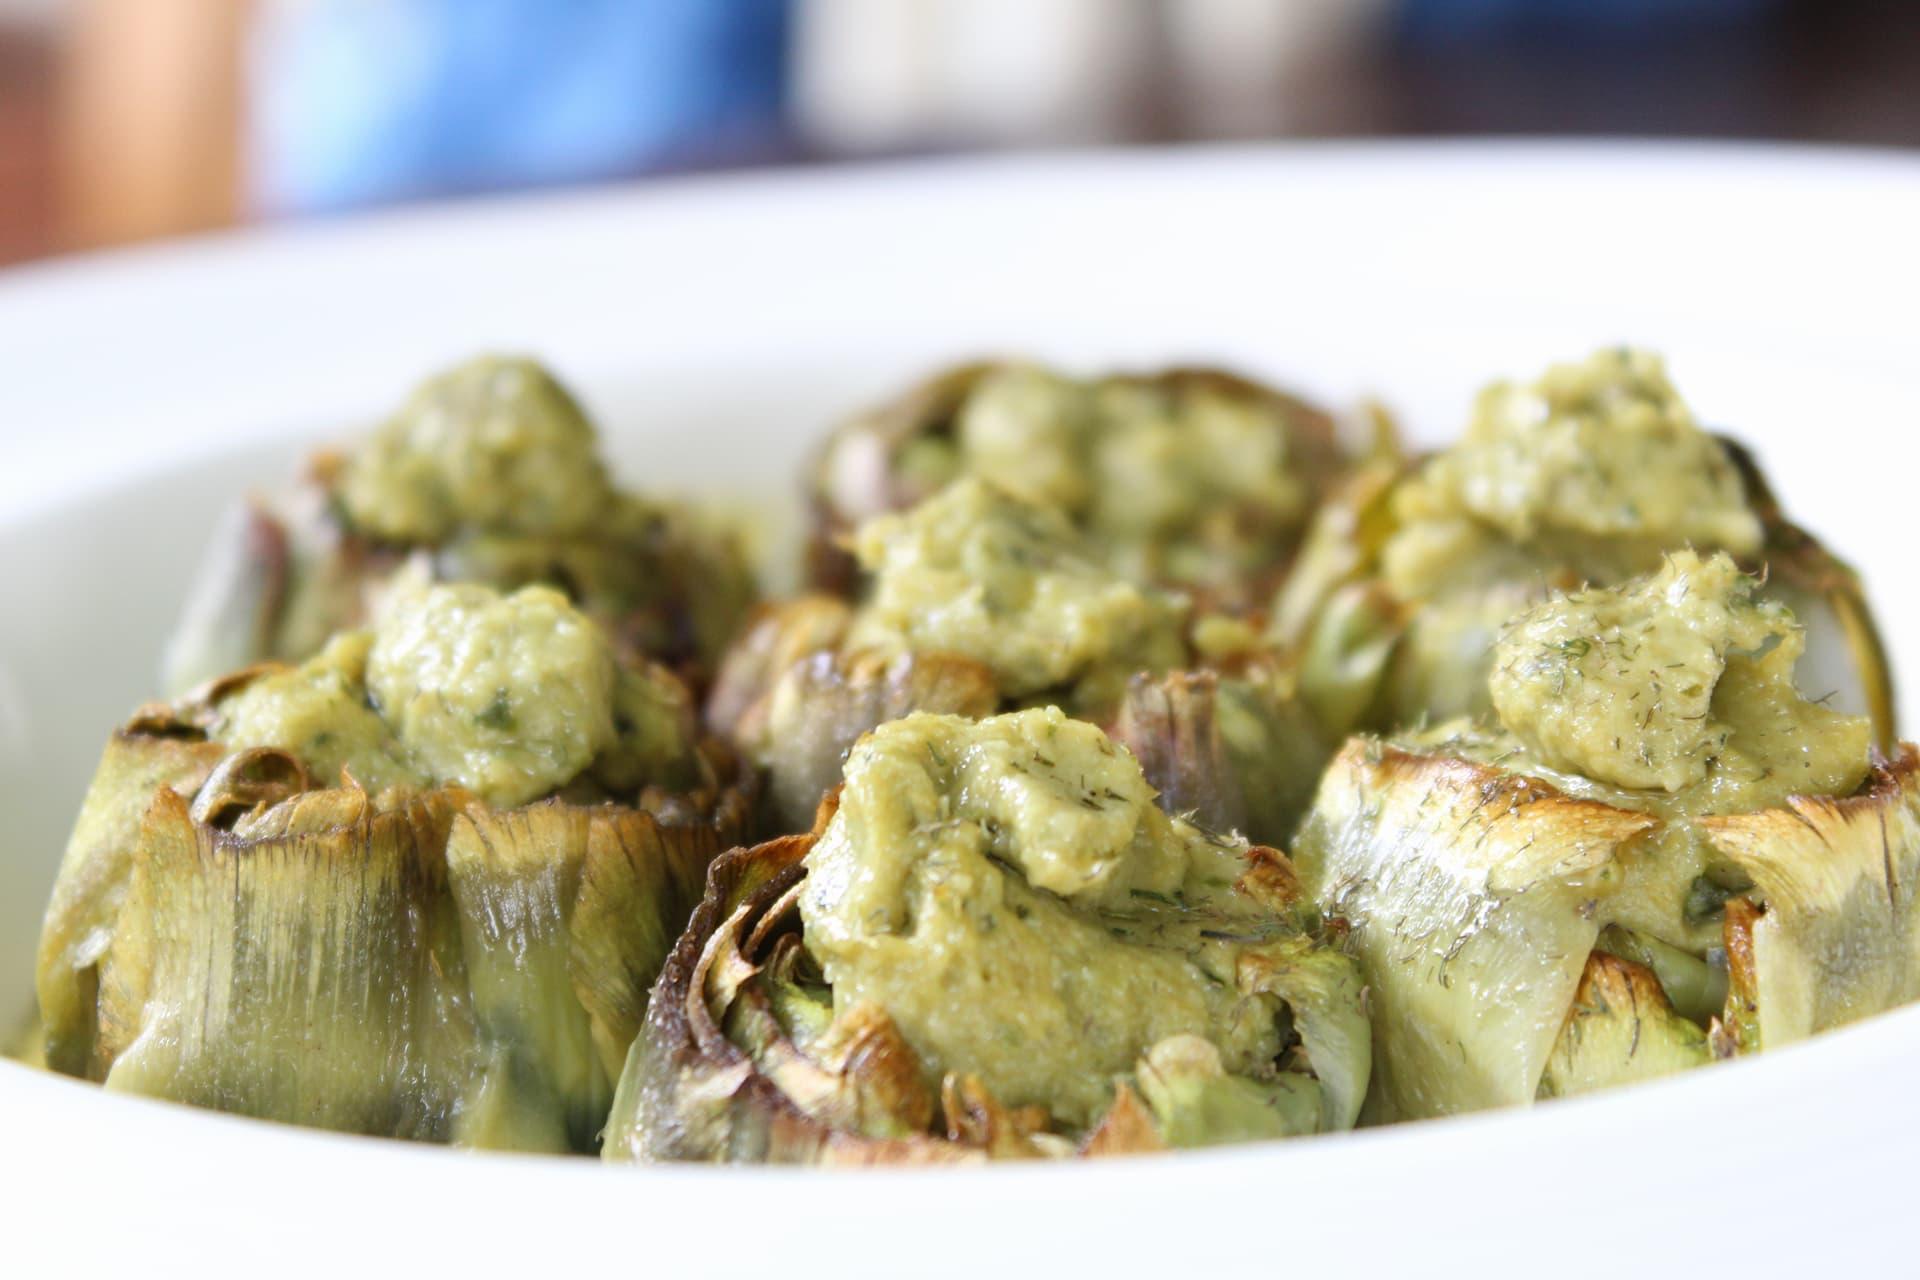 Αν ανήκεις σε αυτούς που δεν τρώνε την αγκινάρα πιθανόν να μην την έφαγες σωστά μαγειρεμένη, γράφει η Γιάννα